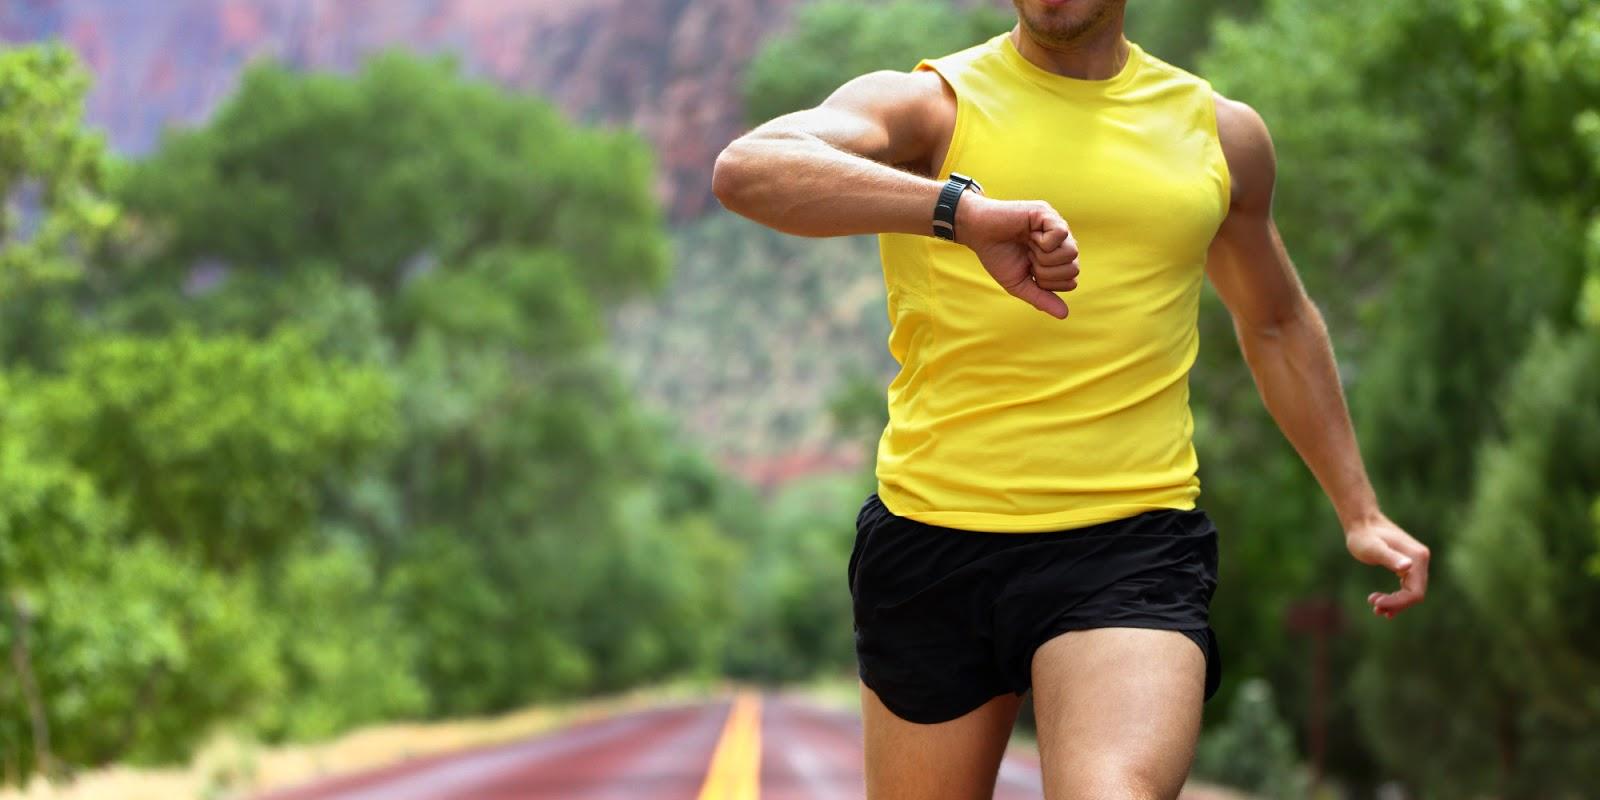 Cara Sehat: Tips Meningkatkan Energi dan Stamina Tubuh